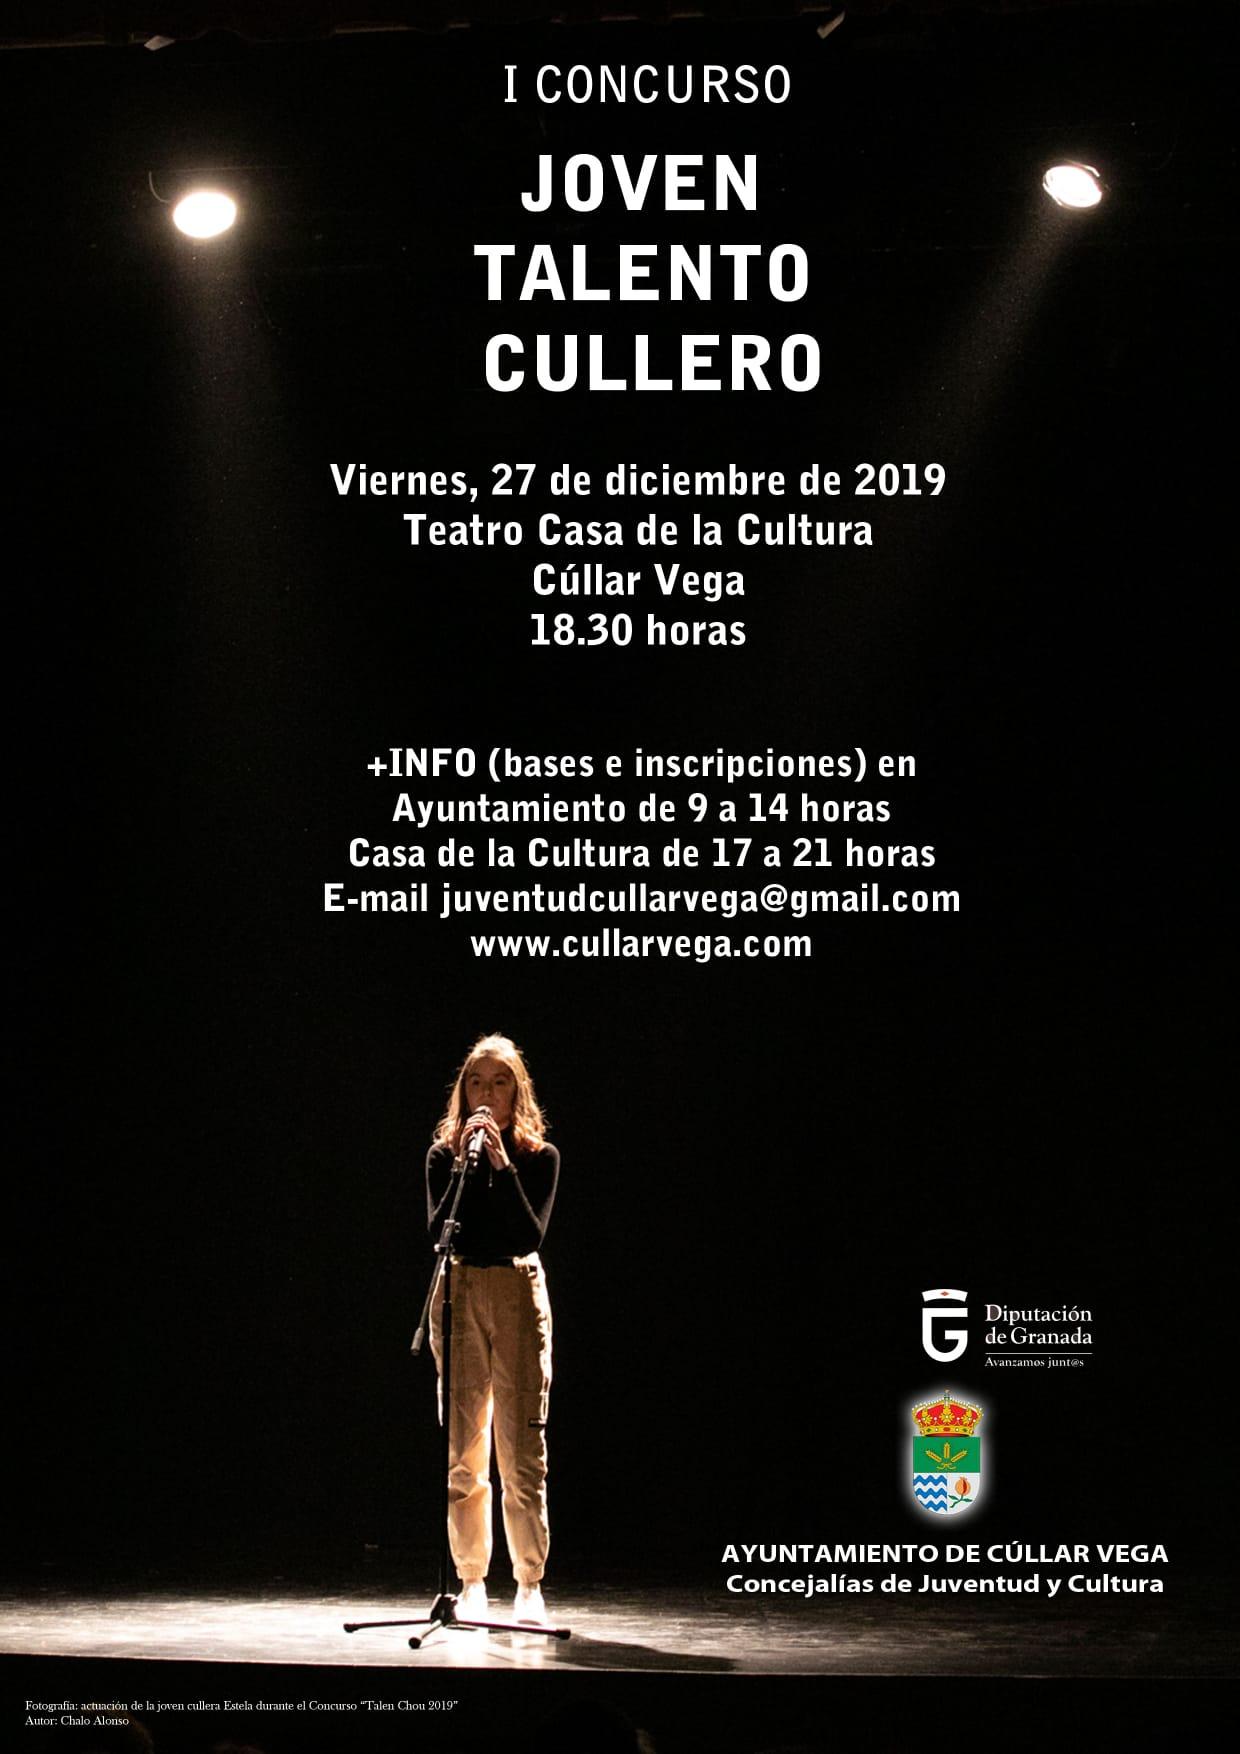 """I Concurso """"JOVEN TALENTO CULLERO – jóvenes promesas del espectáculo"""" 2019"""